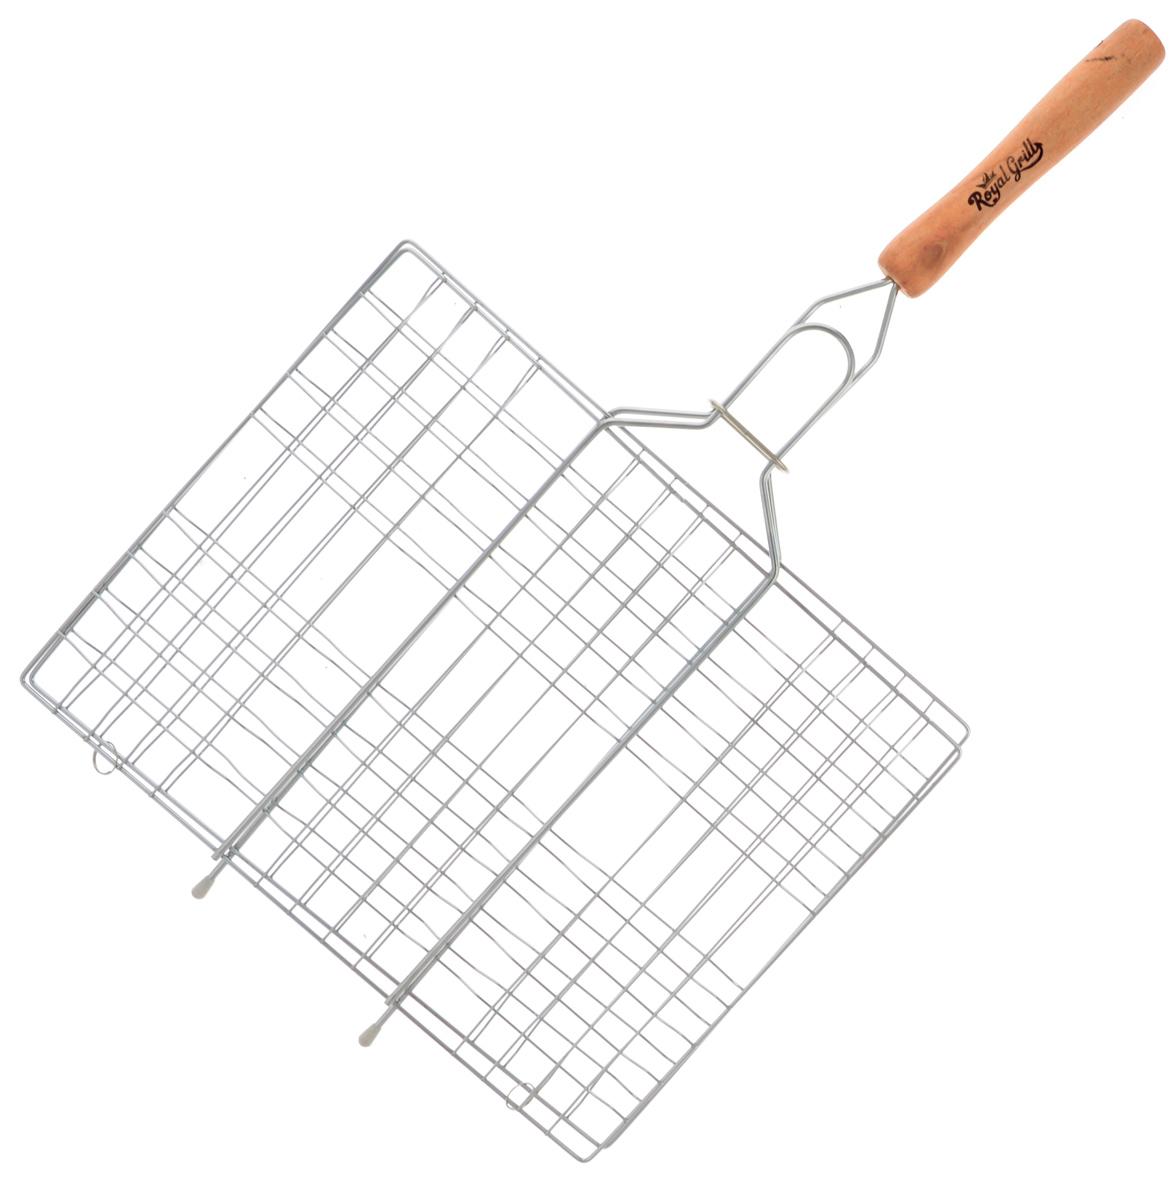 Решетка-гриль RoyalGrill, 31 х 24 смХот ШейперсУниверсальная решетка-гриль RoyalGrill изготовлена из высококачественной стали. На решетке удобно размещать стейки, ребрышки, гамбургеры, сосиски, рыбу, овощи.Решетка предназначена для приготовления пищи на углях. Блюда получаются сочными, ароматными, с аппетитной специфической корочкой. Рукоятка изделия оснащена деревянной вставкой и фиксирующей скобой, которая зажимает створки решетки. Размер рабочей поверхности решетки (без учета усиков): 31 х 24 см.Общая длина решетки (с ручкой): 54 см.